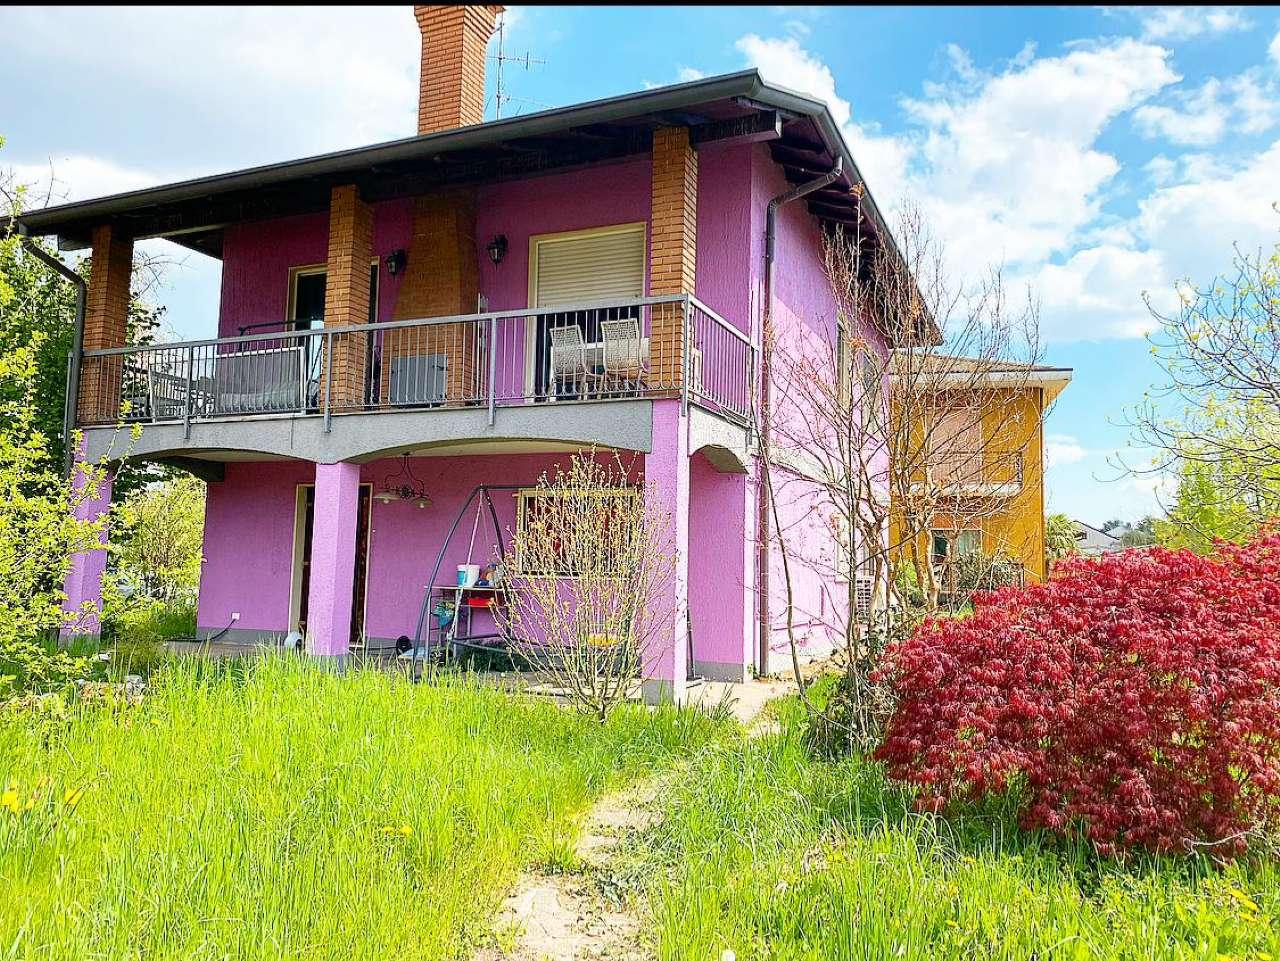 Soluzione Indipendente in vendita a Limido Comasco, 3 locali, prezzo € 283.000 | PortaleAgenzieImmobiliari.it